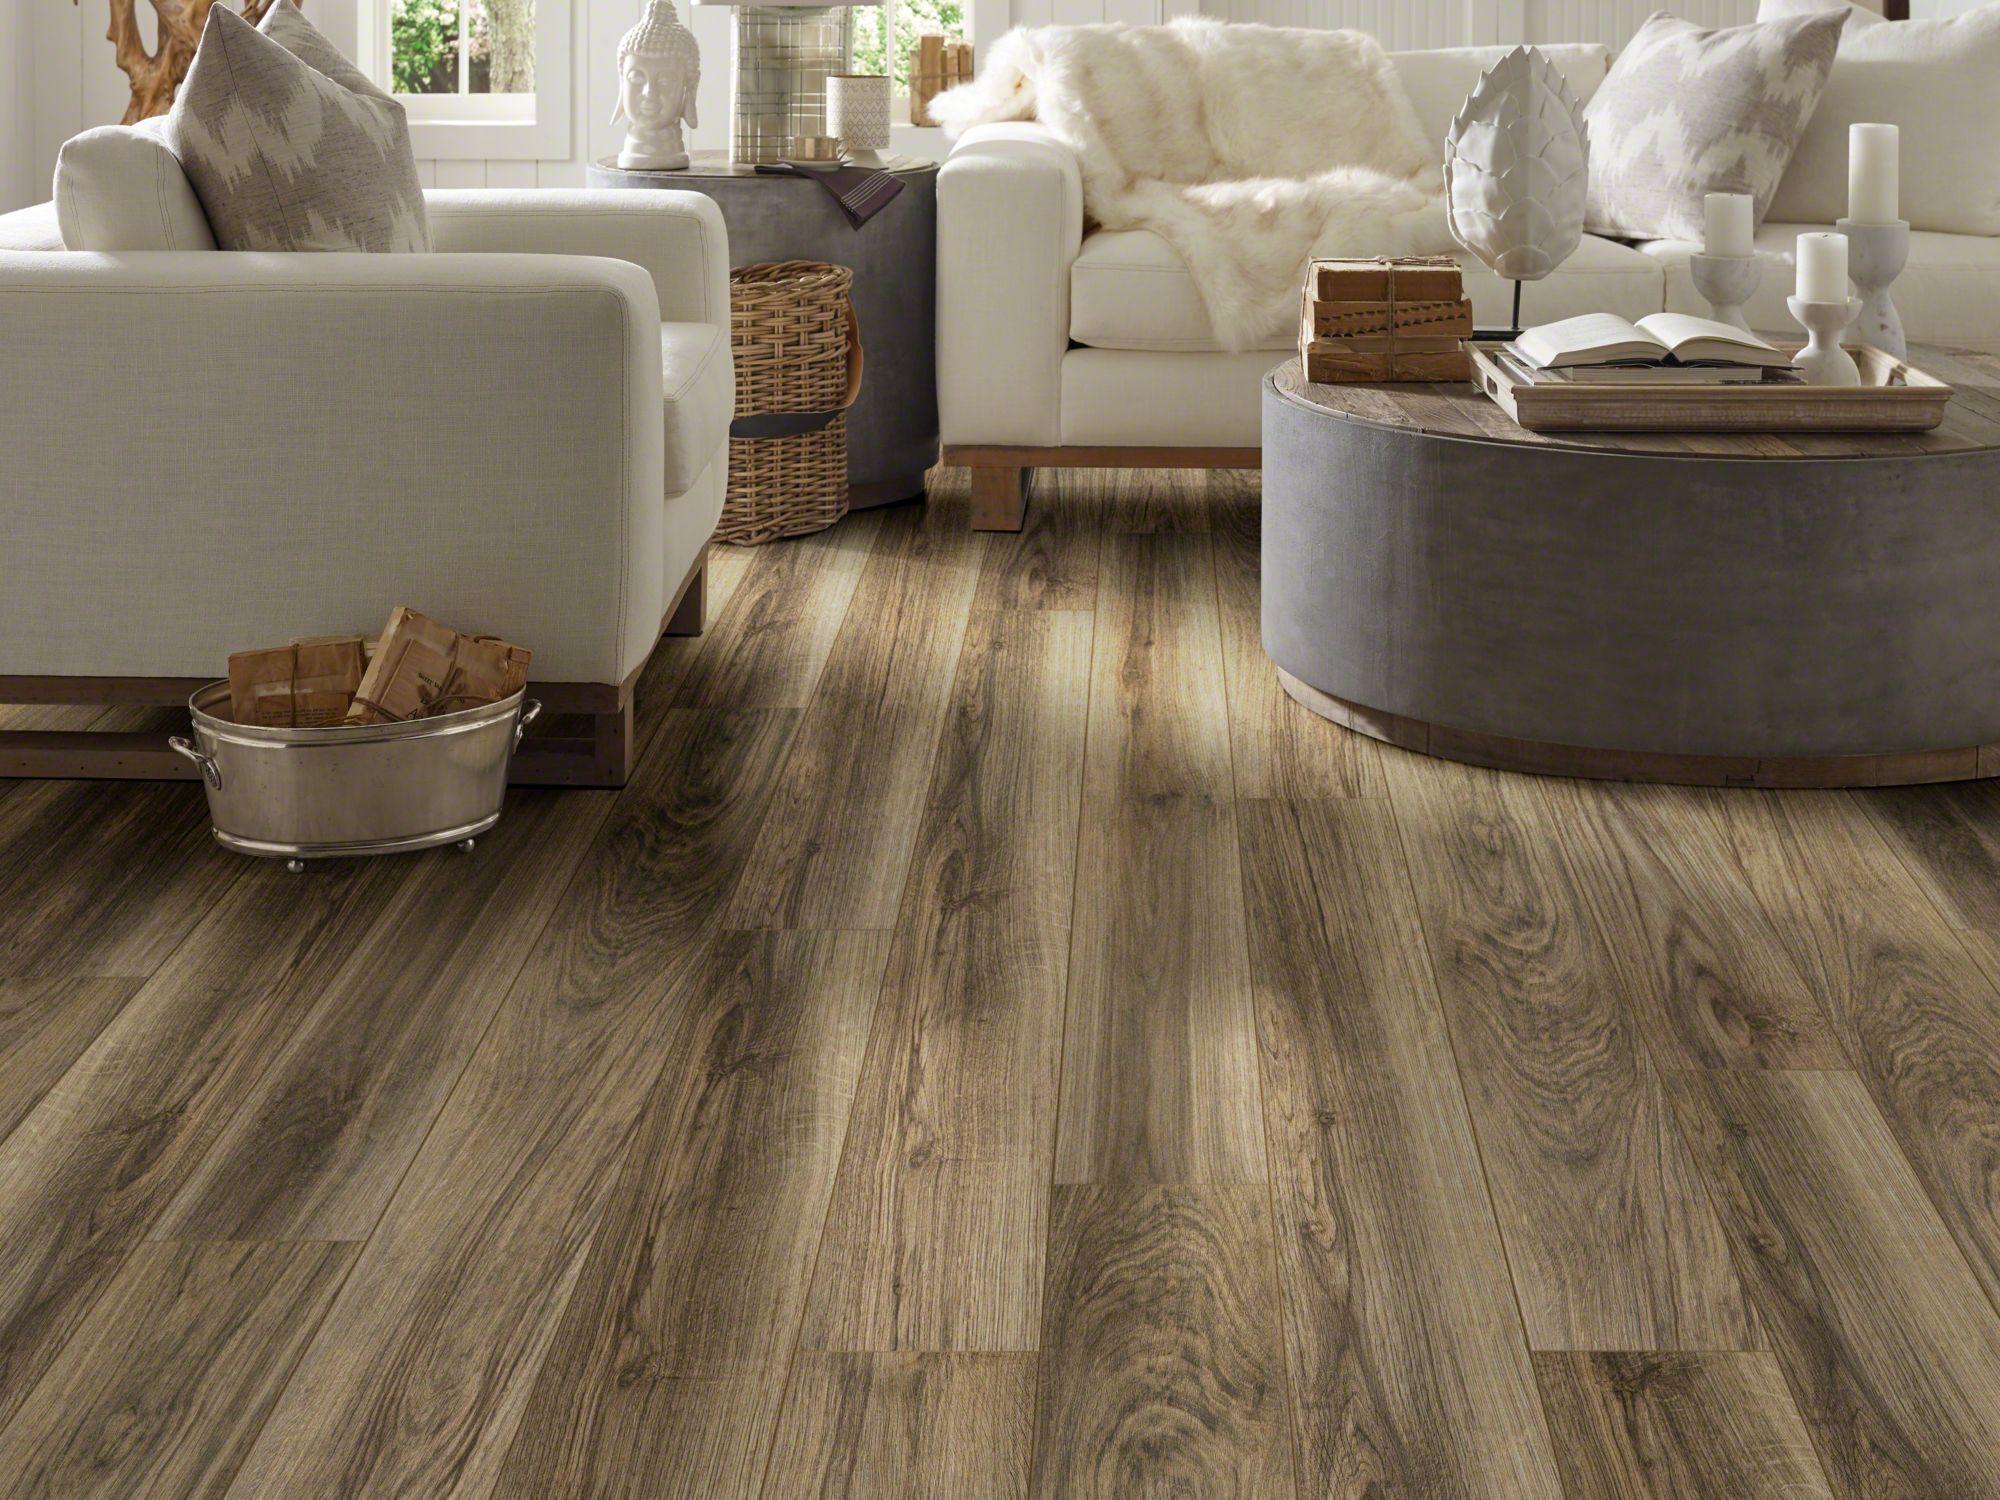 Laminate flooring ideas pin it AVRNDTD